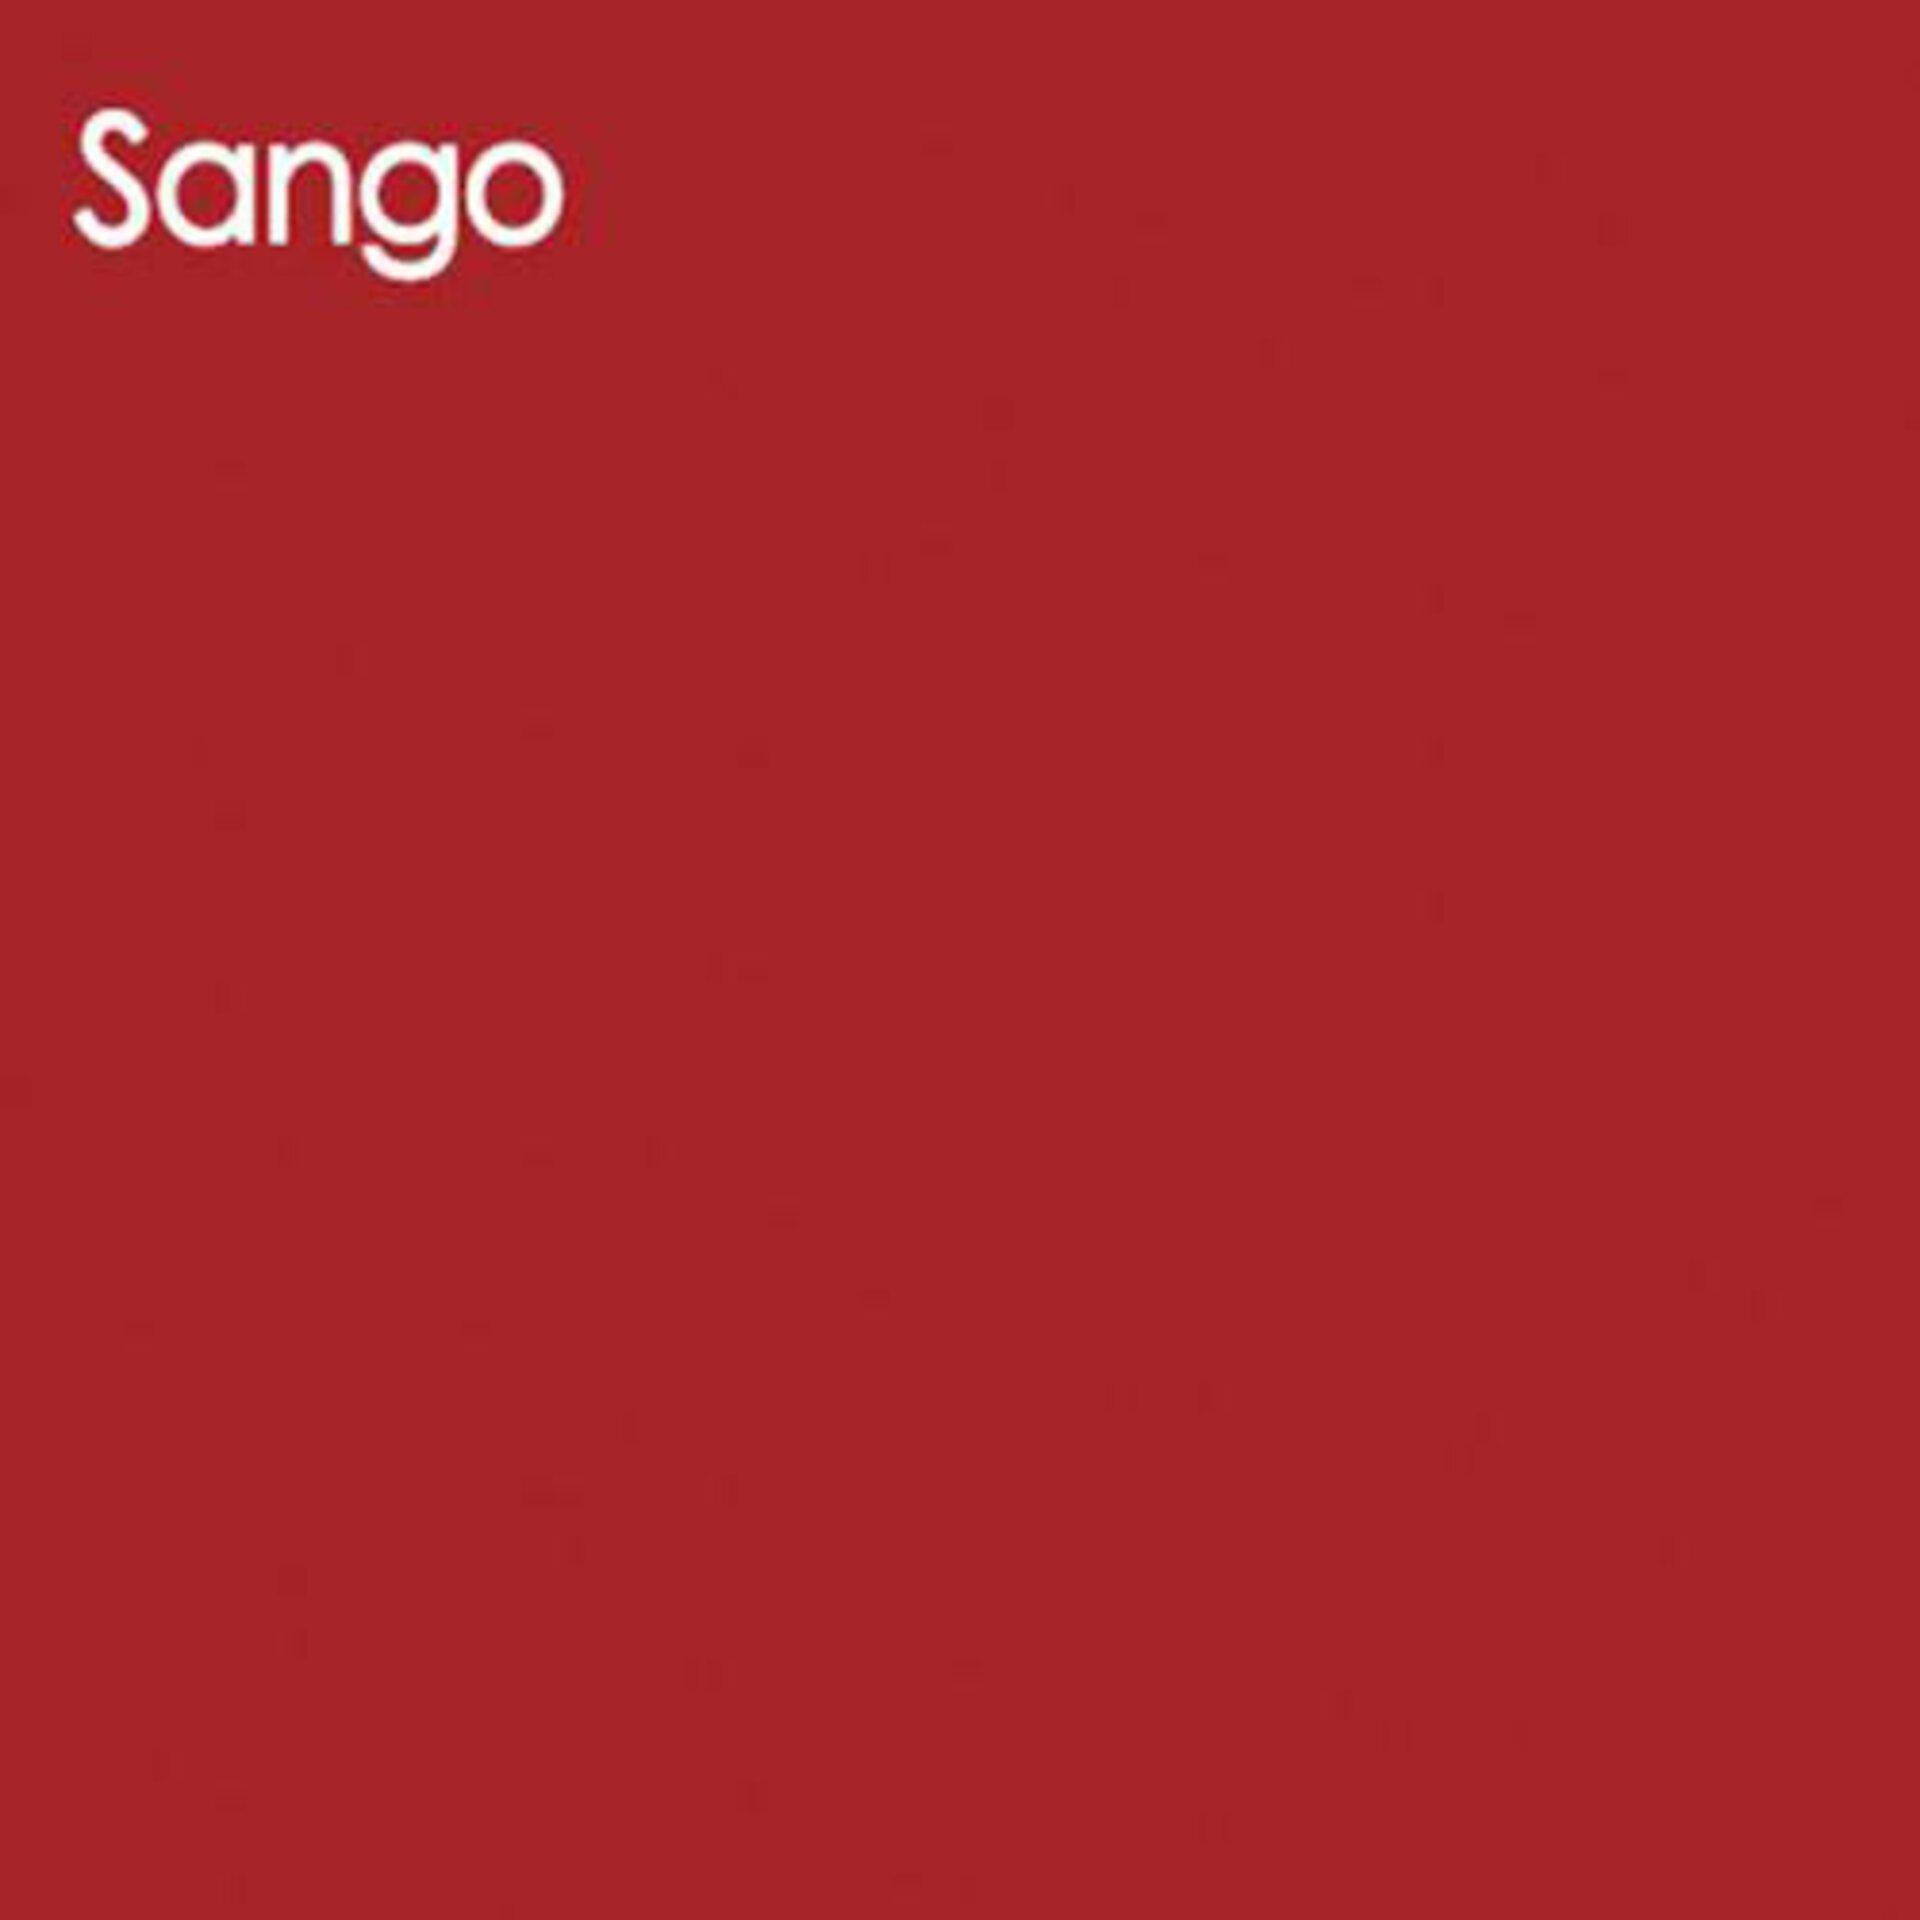 Arbeitsblatte aus Glas in warmroten Sango.